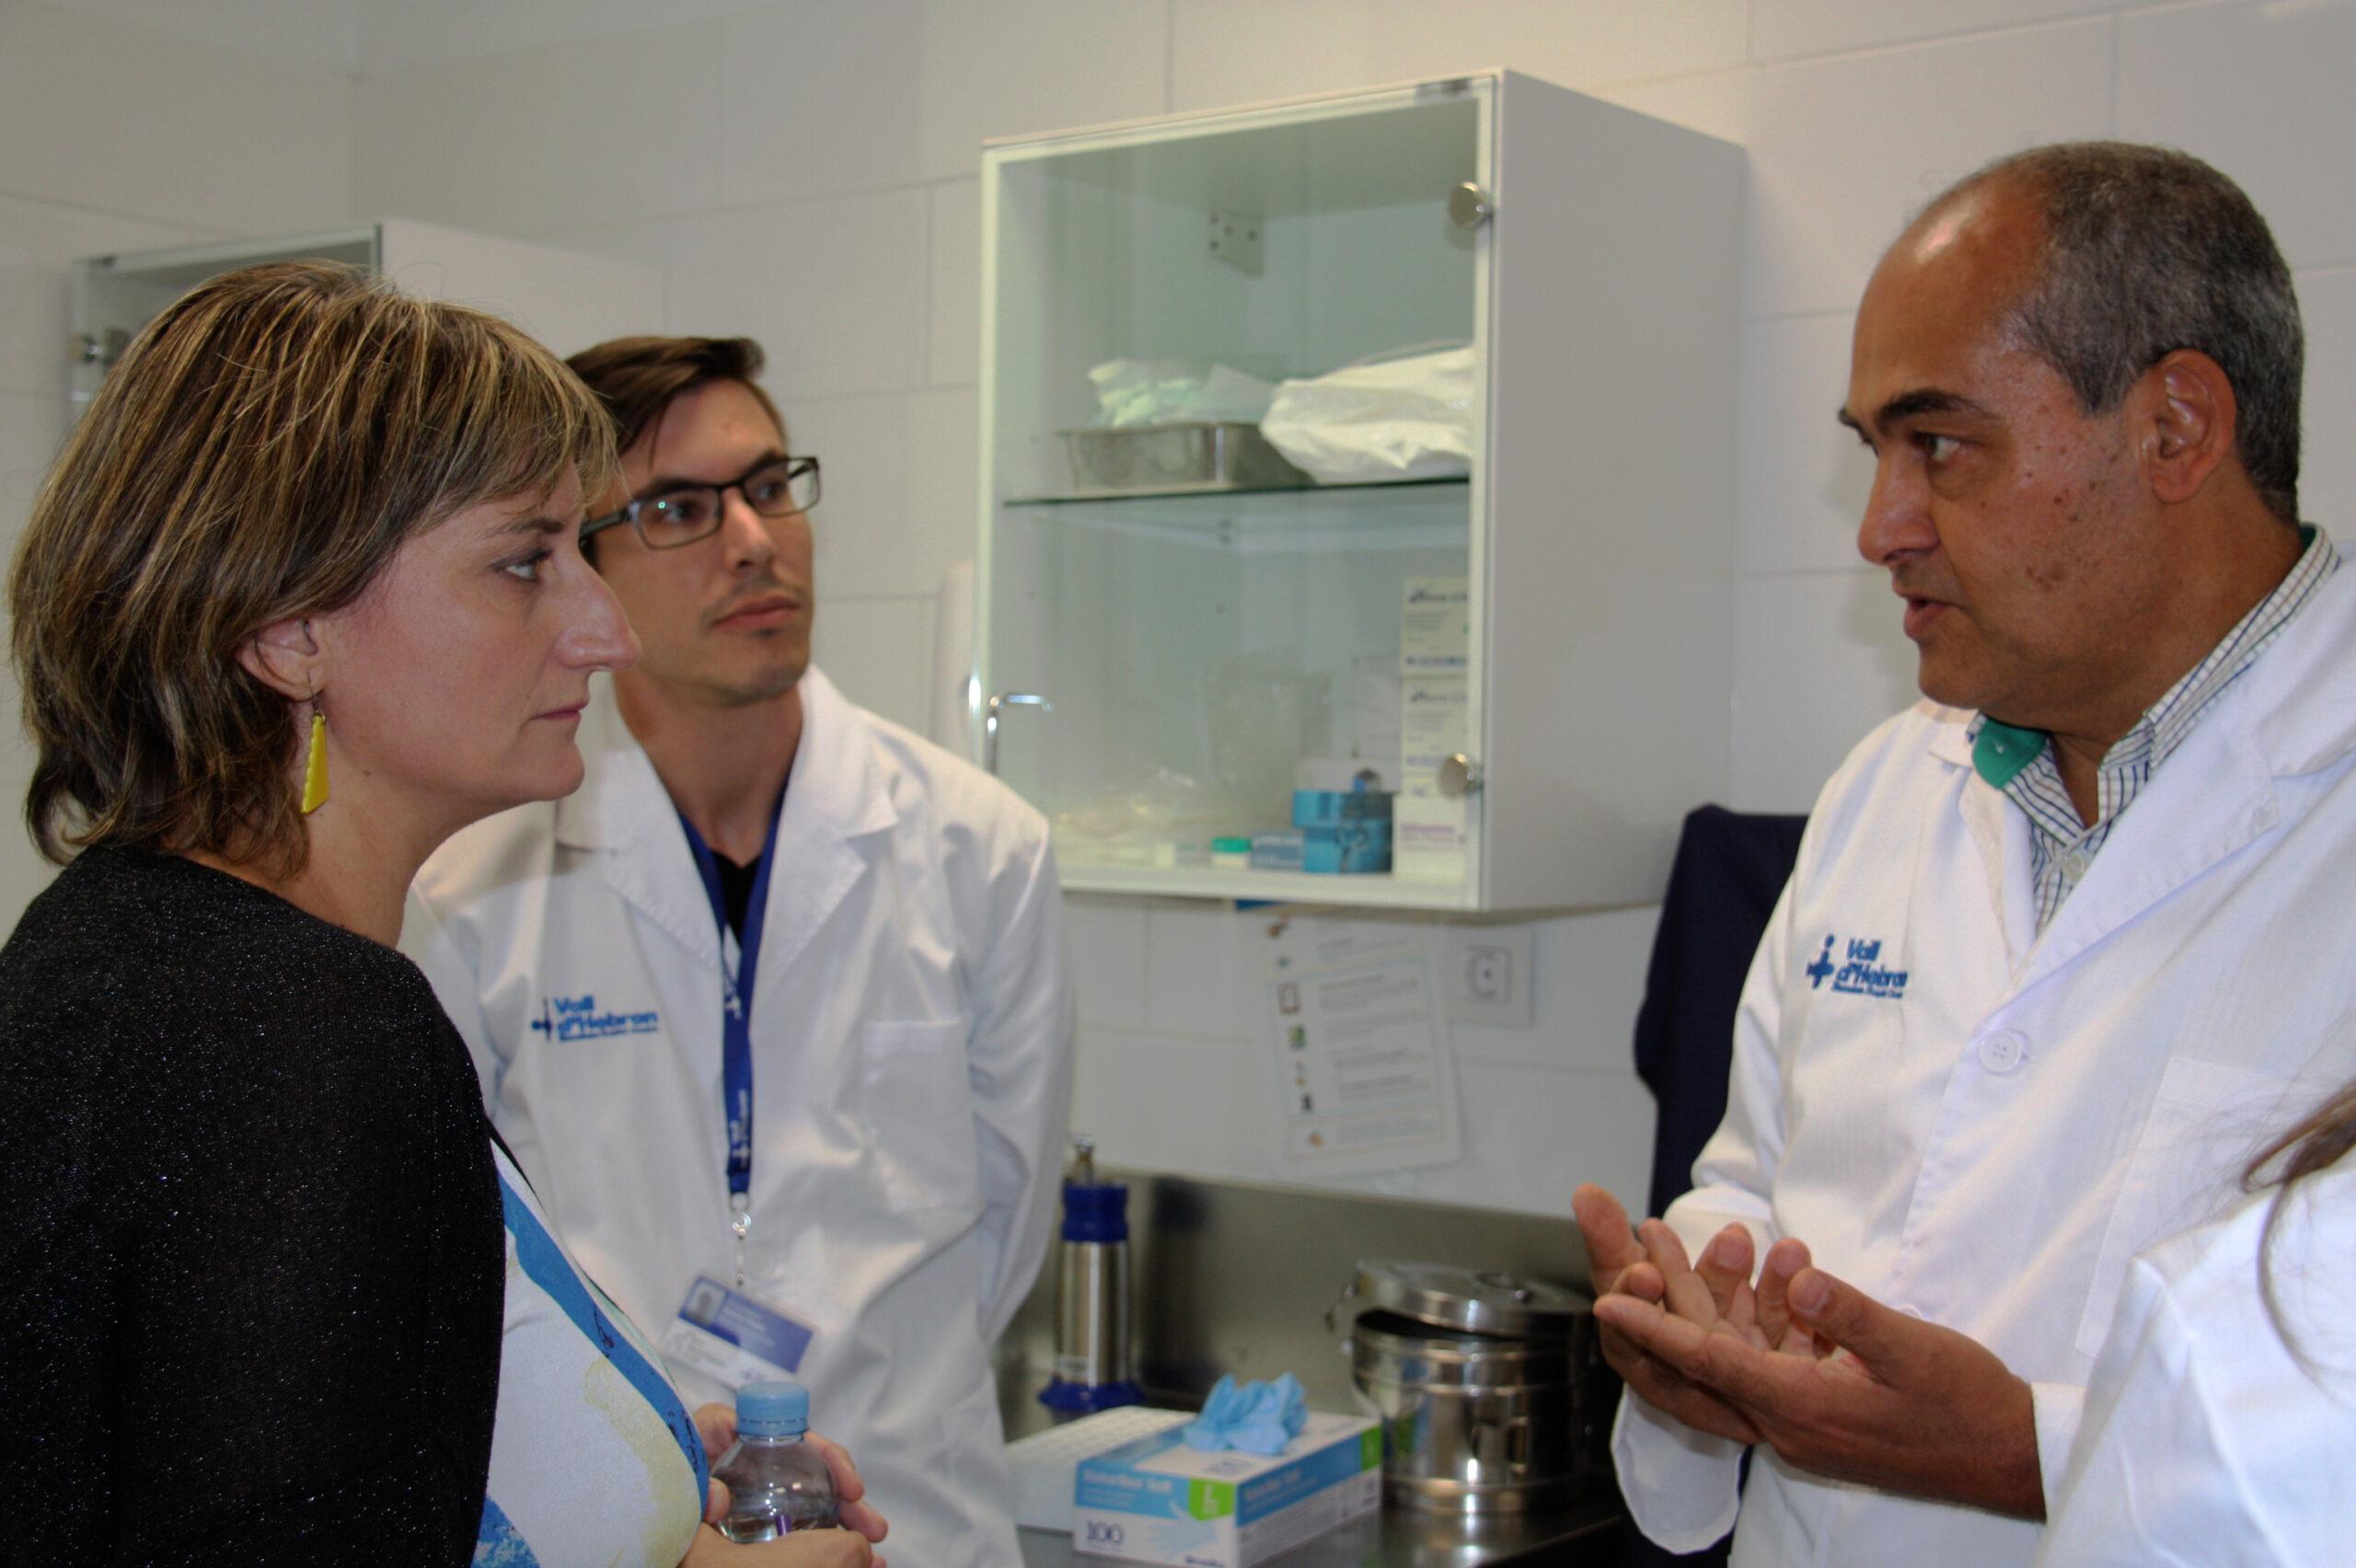 La consellera de Salut, Alba Vergés, amb el cap del Servei de Malalties Infeccioses de Vall d'Hebron, el doctor Benito Almirante | ACN